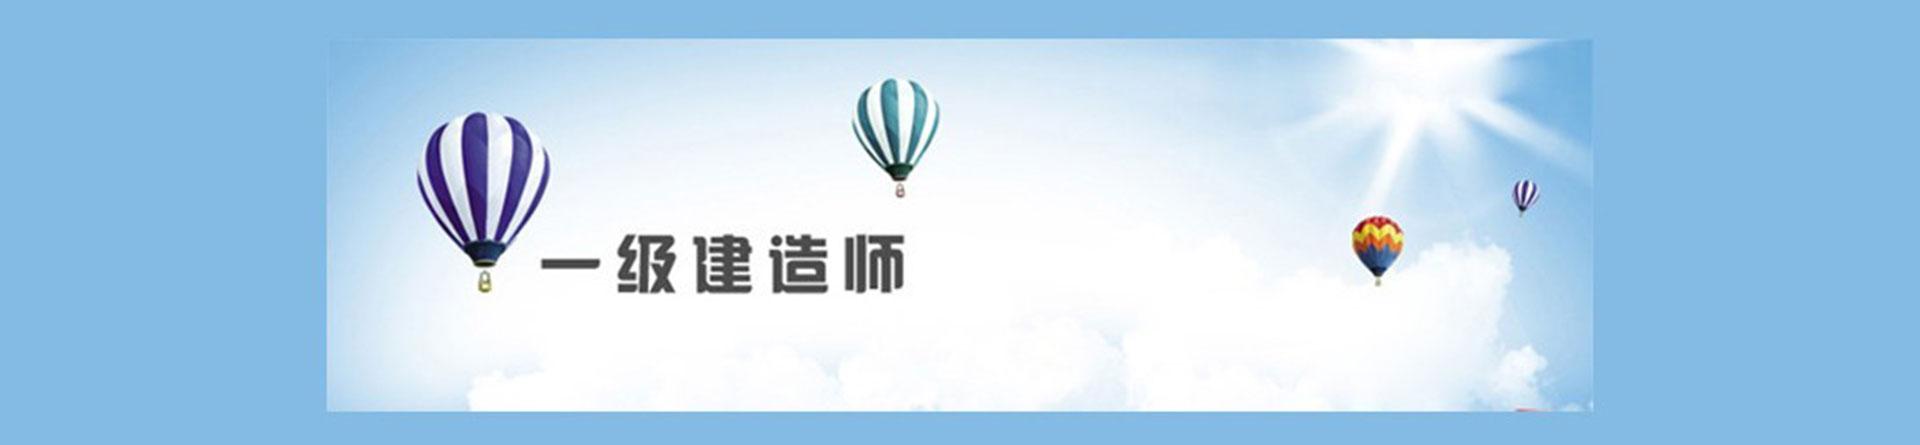 郑州研升教育